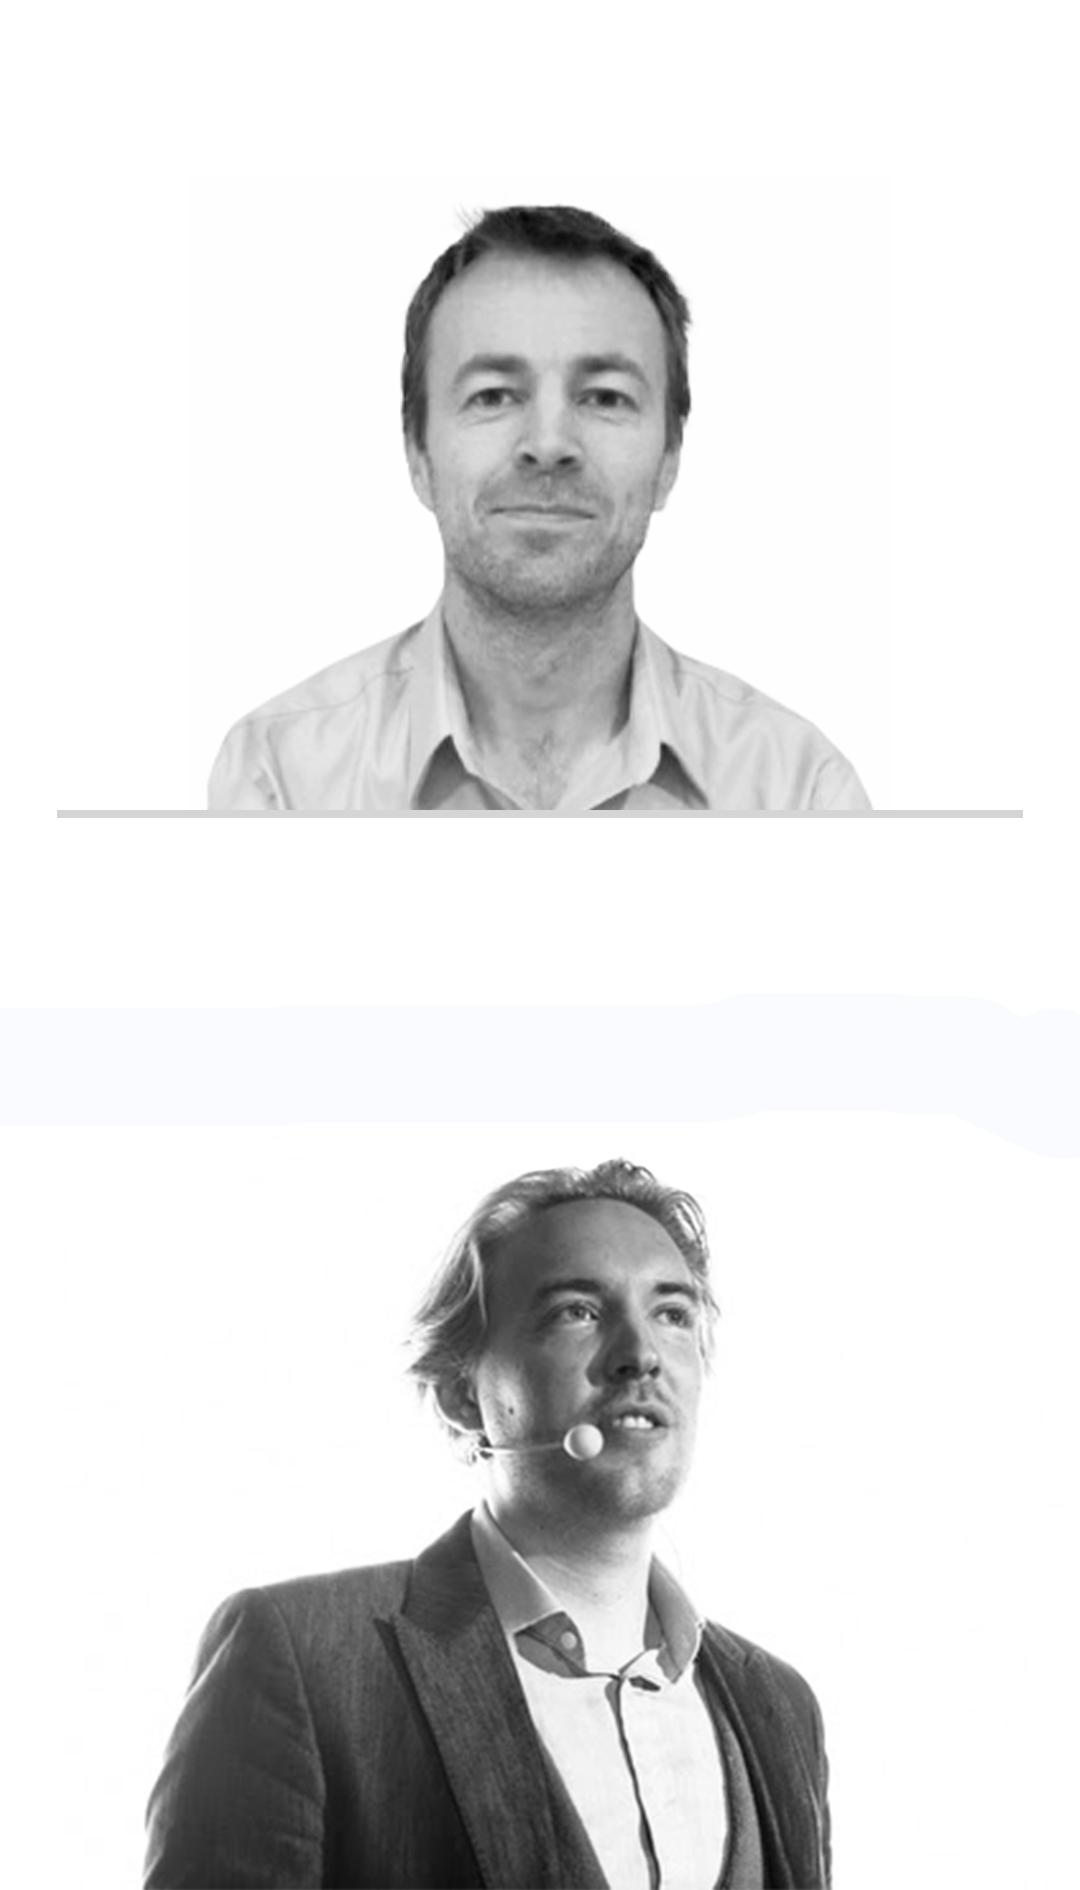 Demistifying AI Portraits